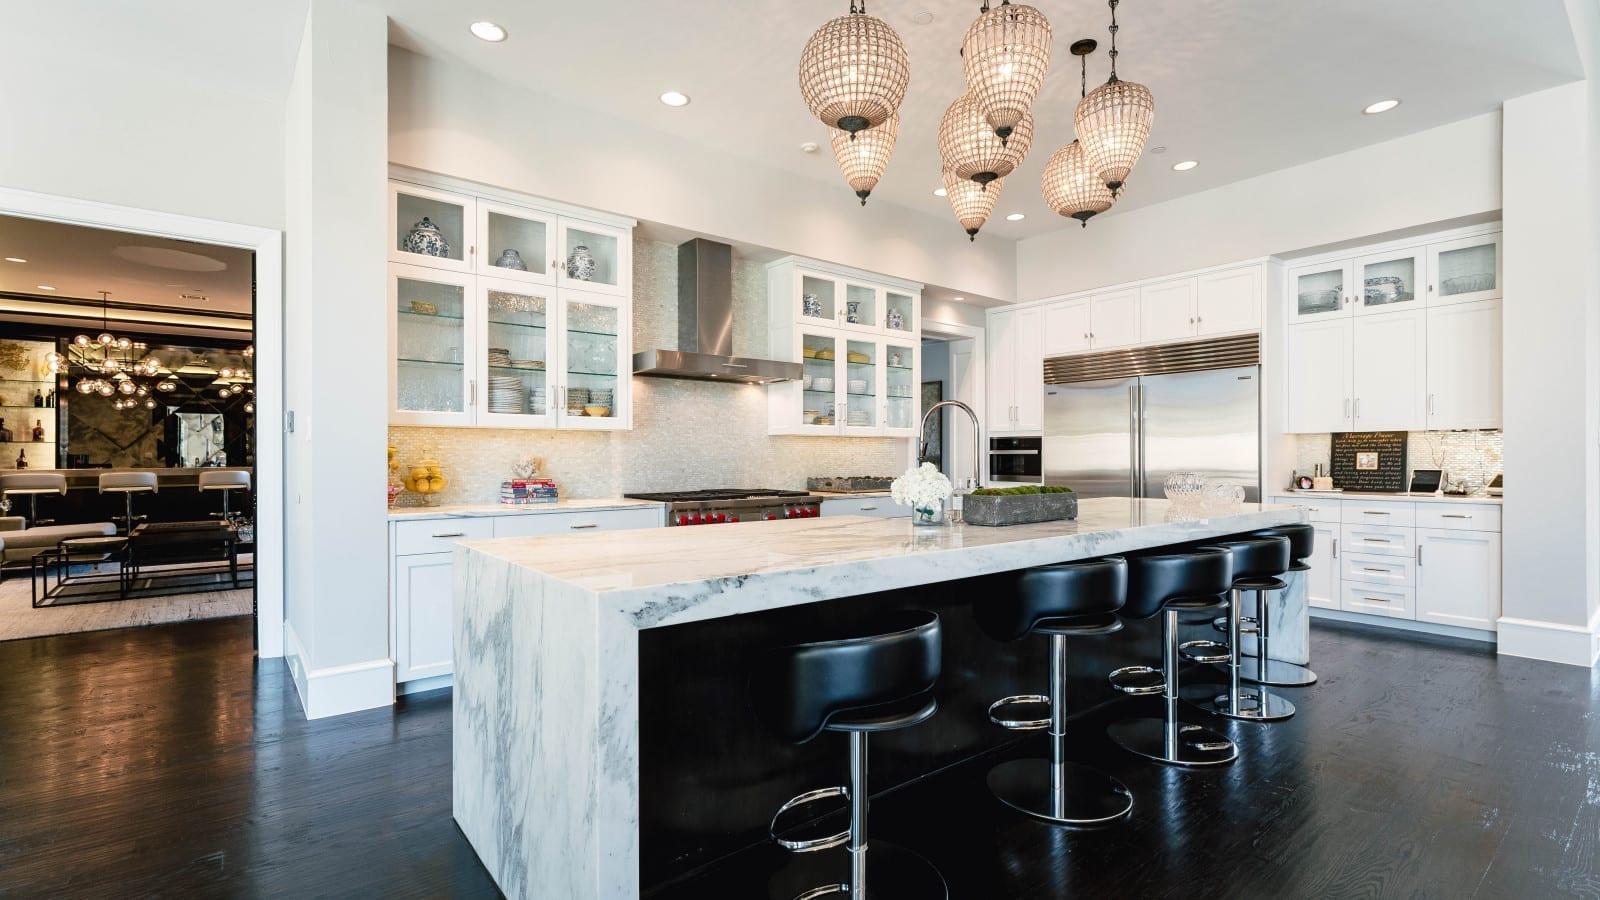 transitional modern style home design 11 - kitchen interior design Millennial Design + Build